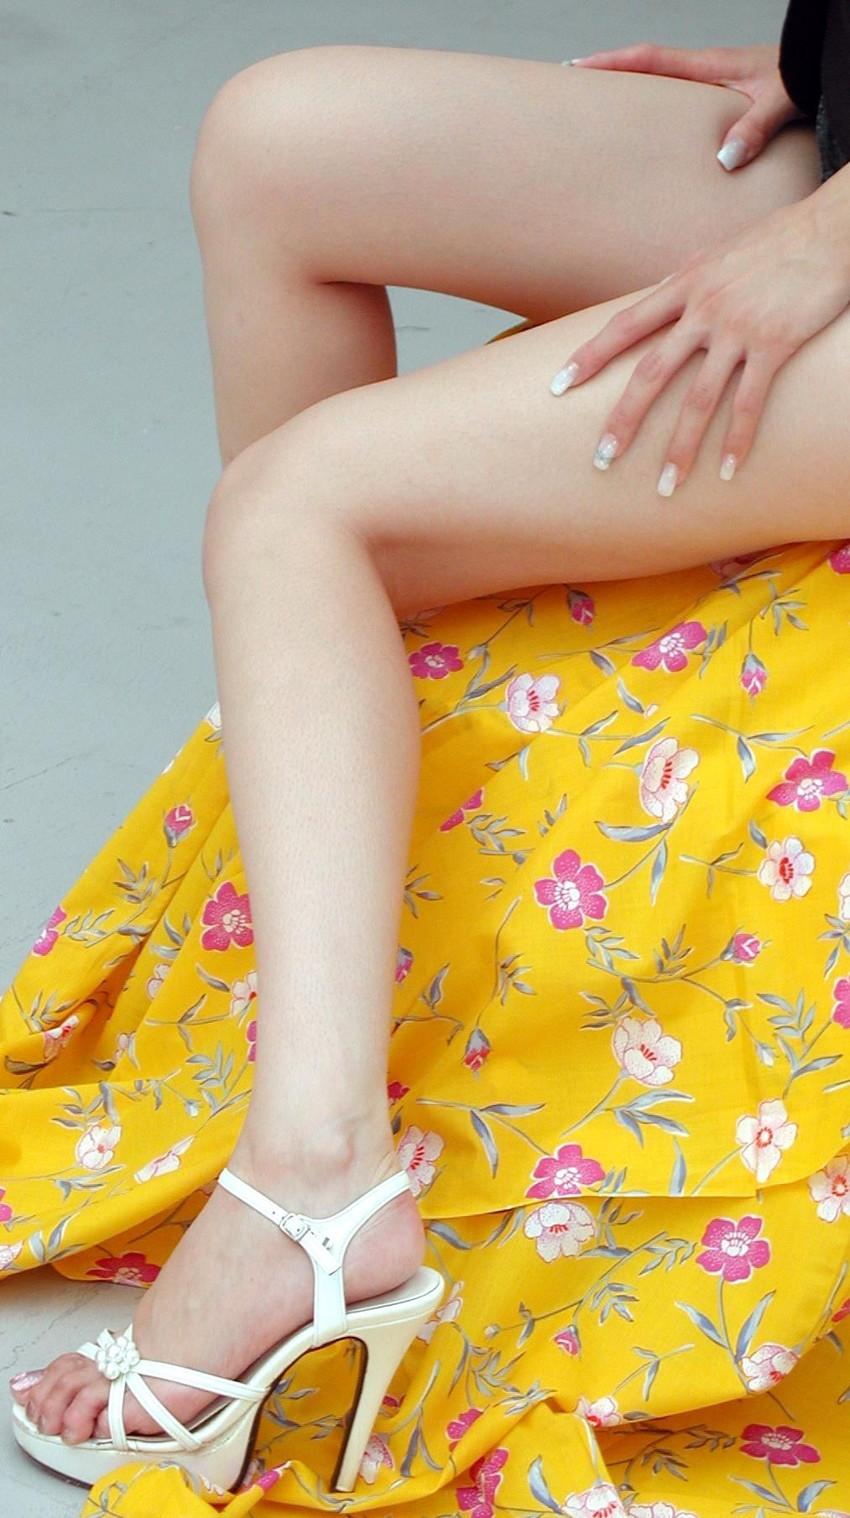 【美脚エロ画像】思わず見とれてしまう!?スラリと伸びた美脚美人! 14